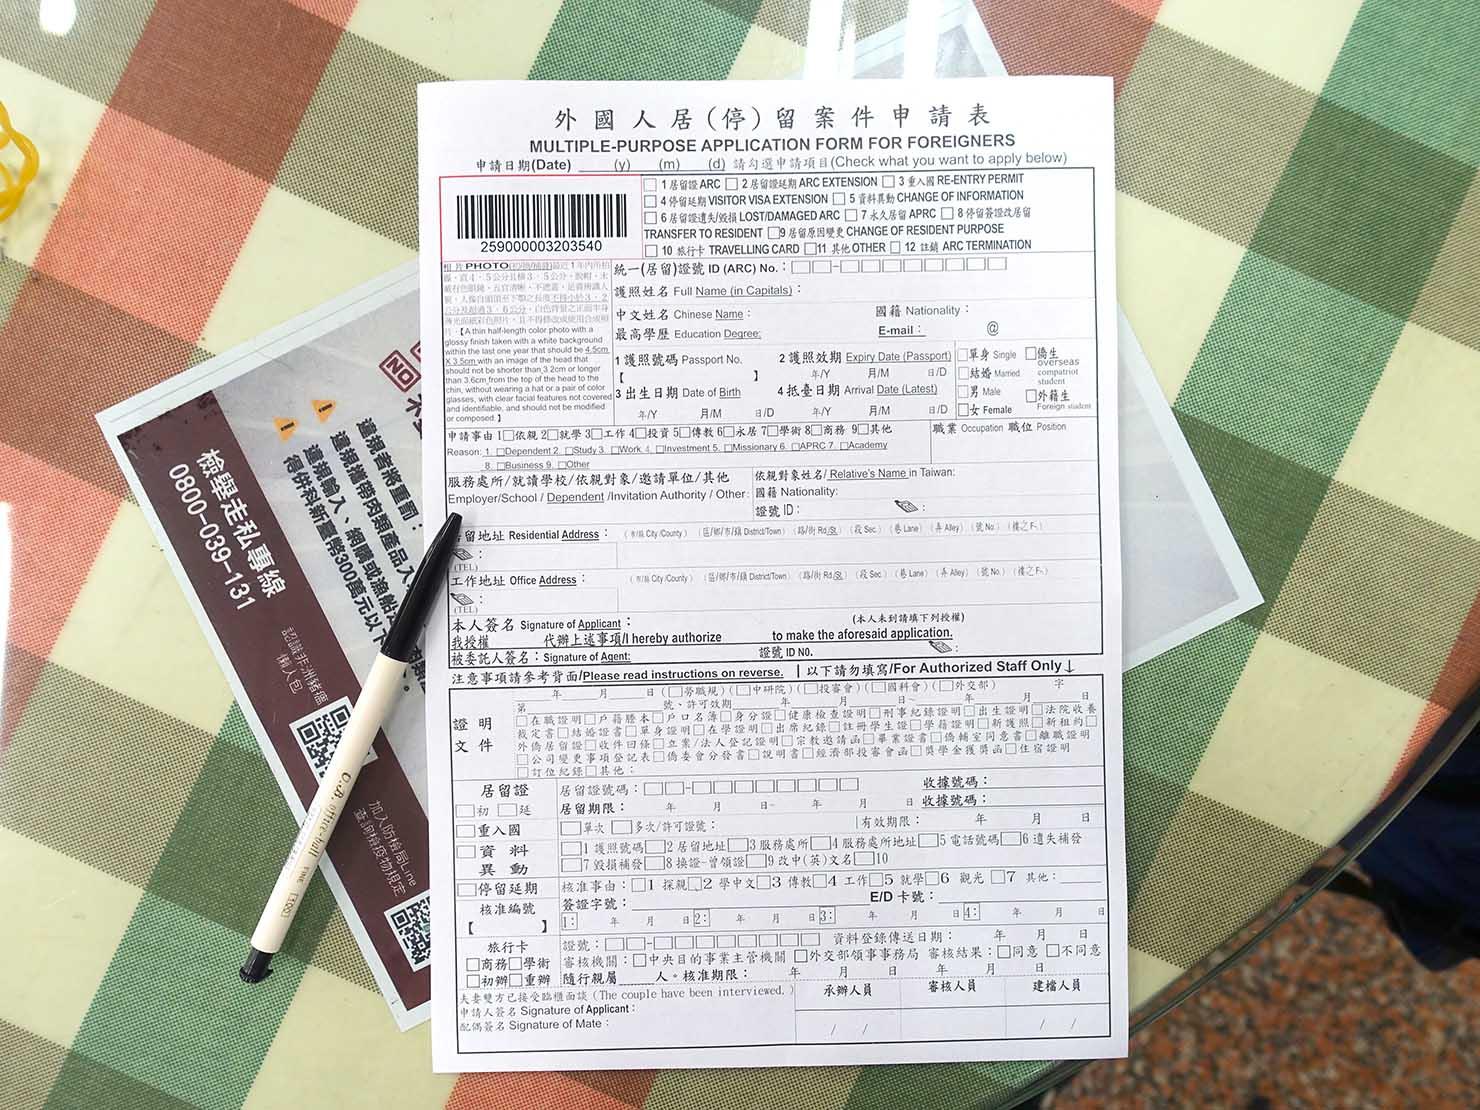 台湾の永住権(永久居留證)申請に必要な書類:外僑永久居留申請書